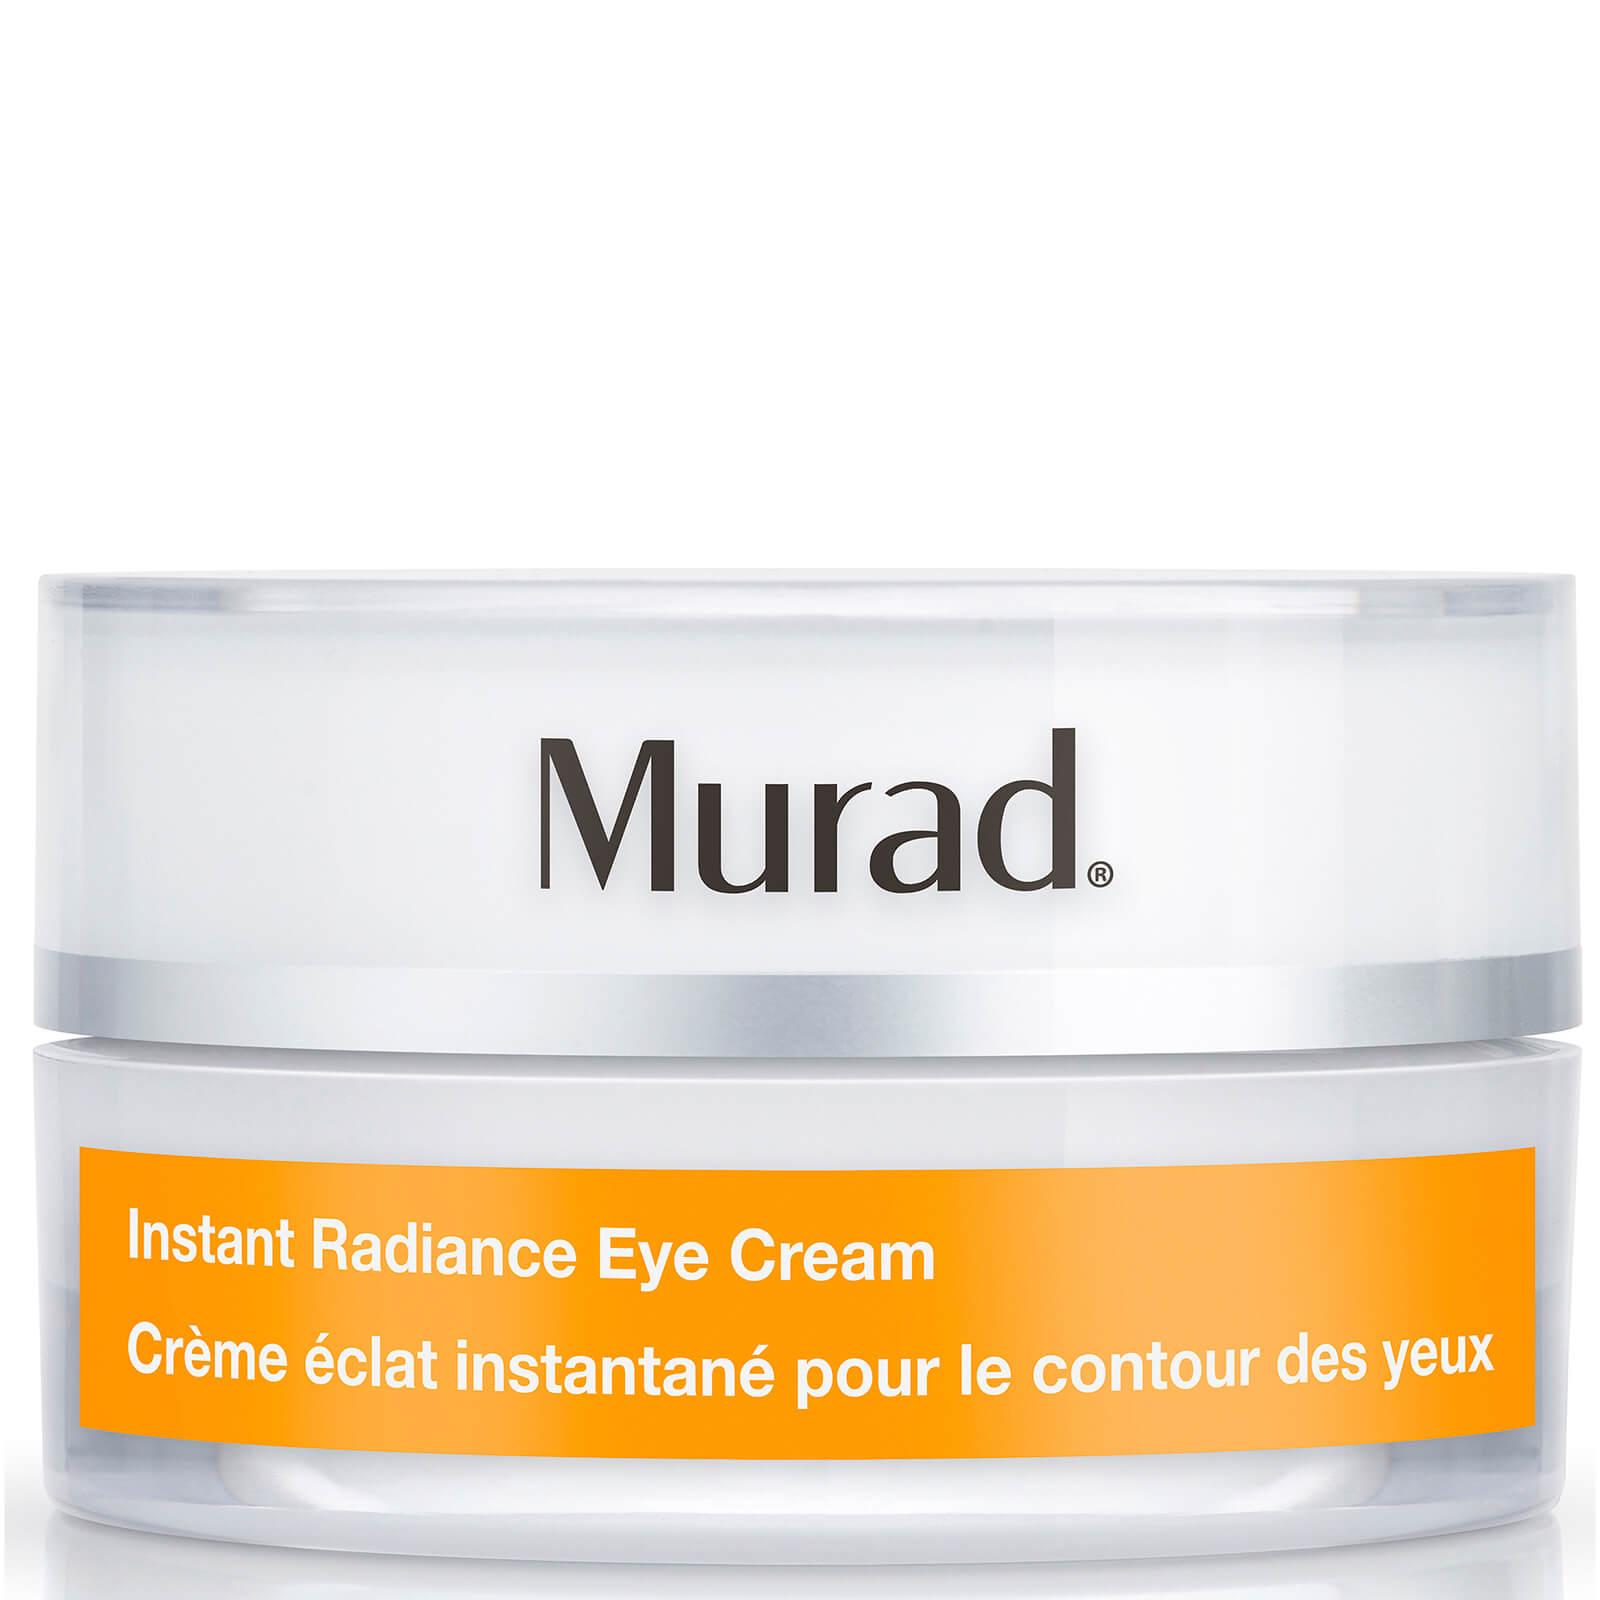 Murad Instant Radiance crema contorno occhi